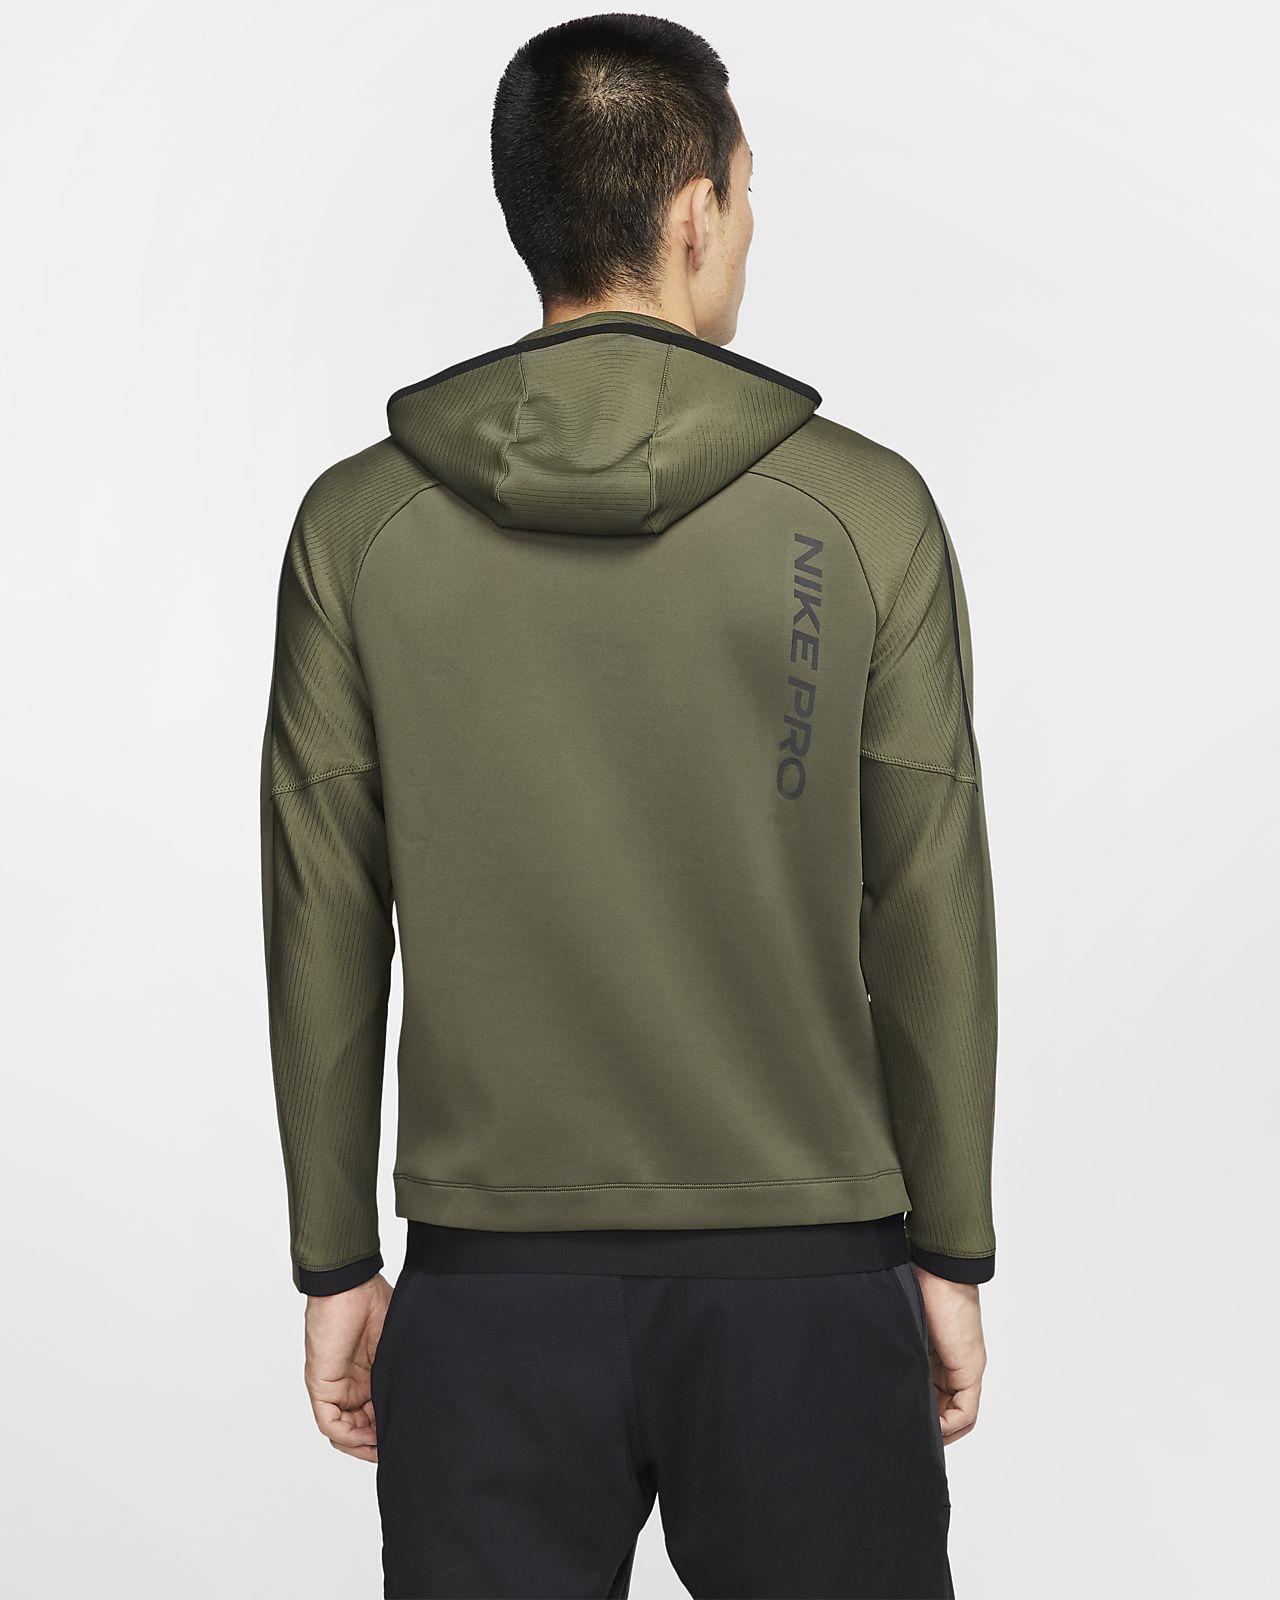 Nike Therma Training Hoodie Sweatshirts Hoodies for Men Brown